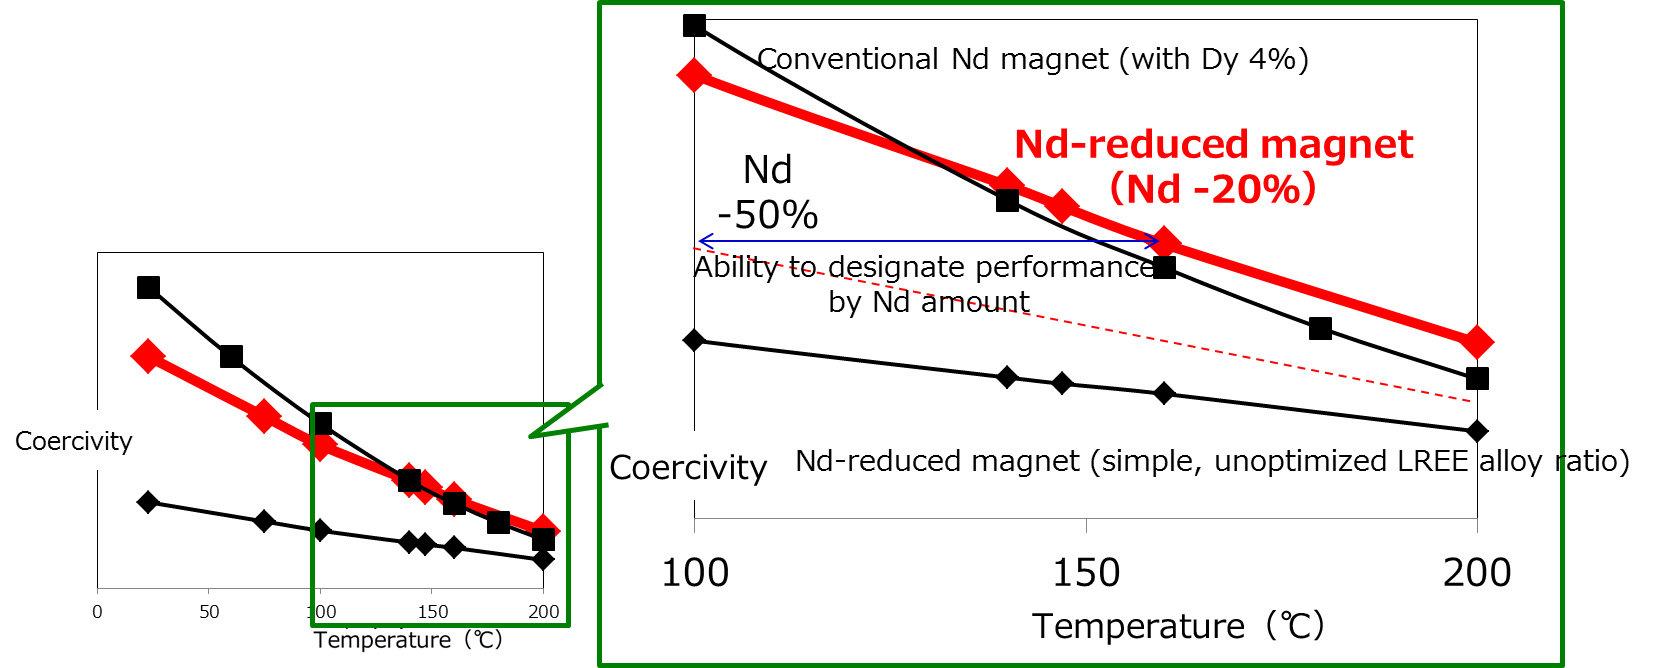 Toyota vyvinula celosvětově první teplovzdorný magnet pro elektromotory se sníženým obsahem neodymu